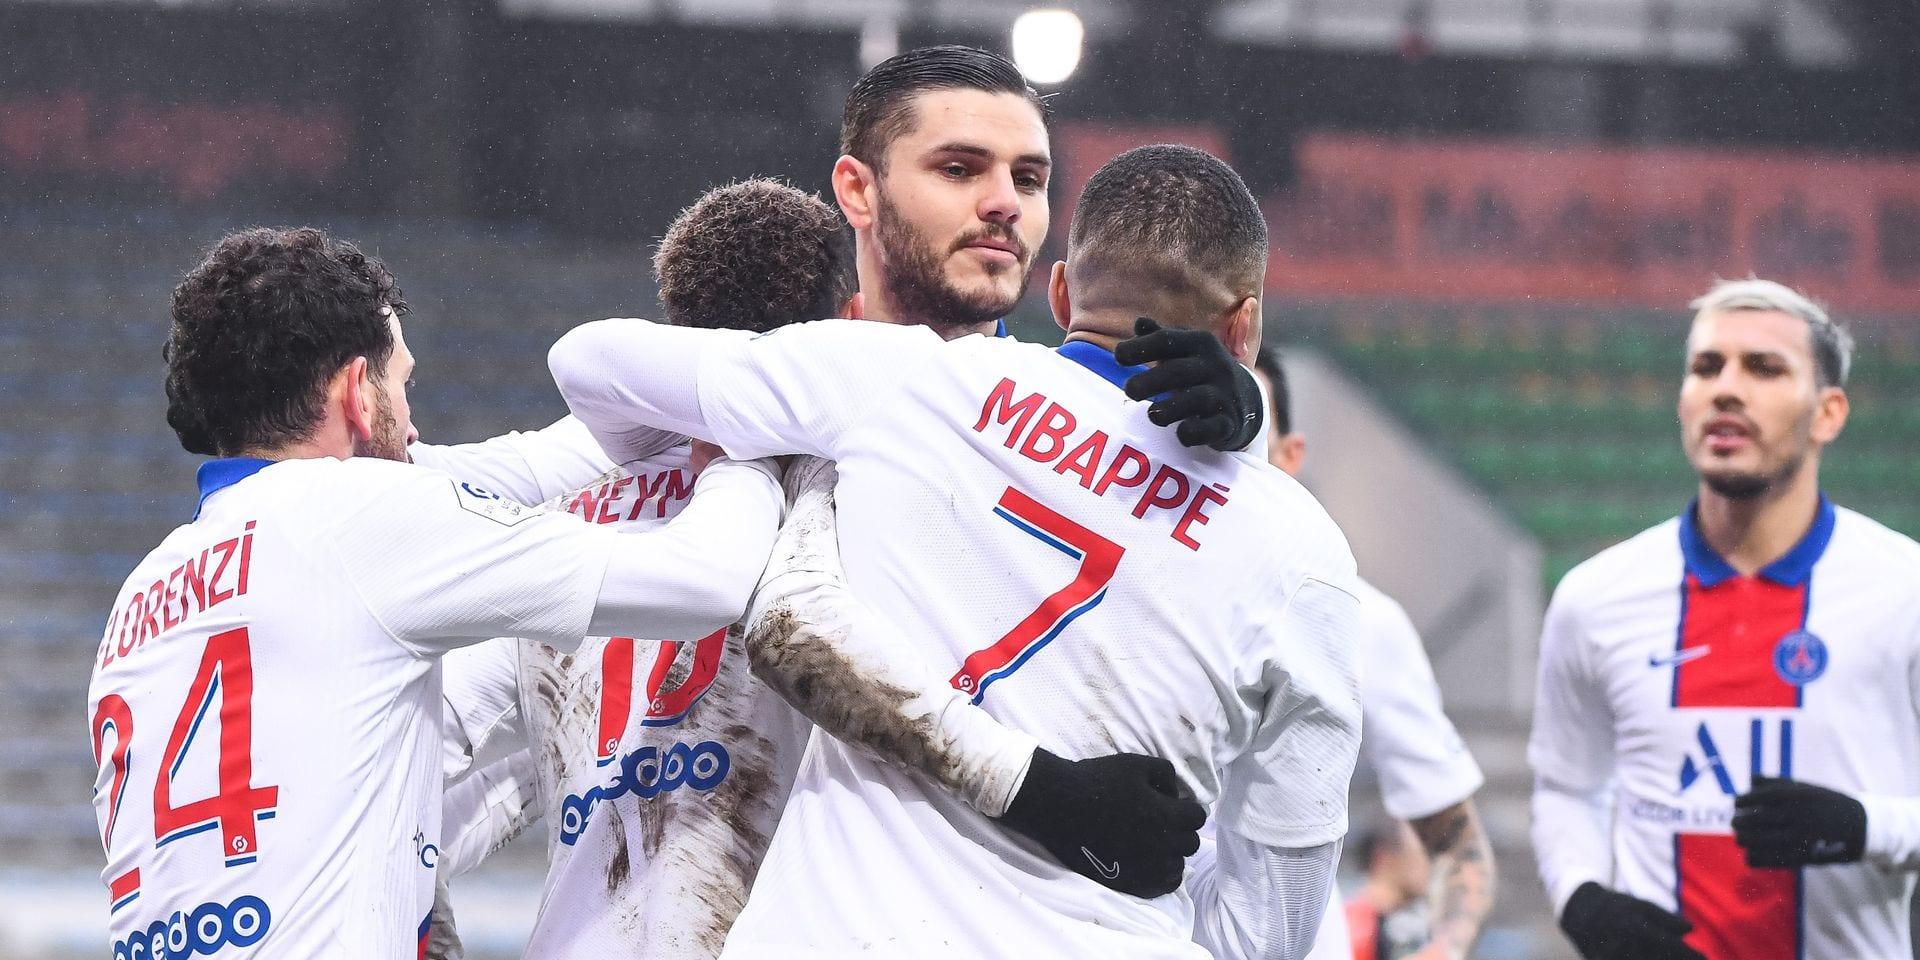 Un joueur du Paris Saint-Germain cambriolé : le préjudice estimé à 400.000 euros !